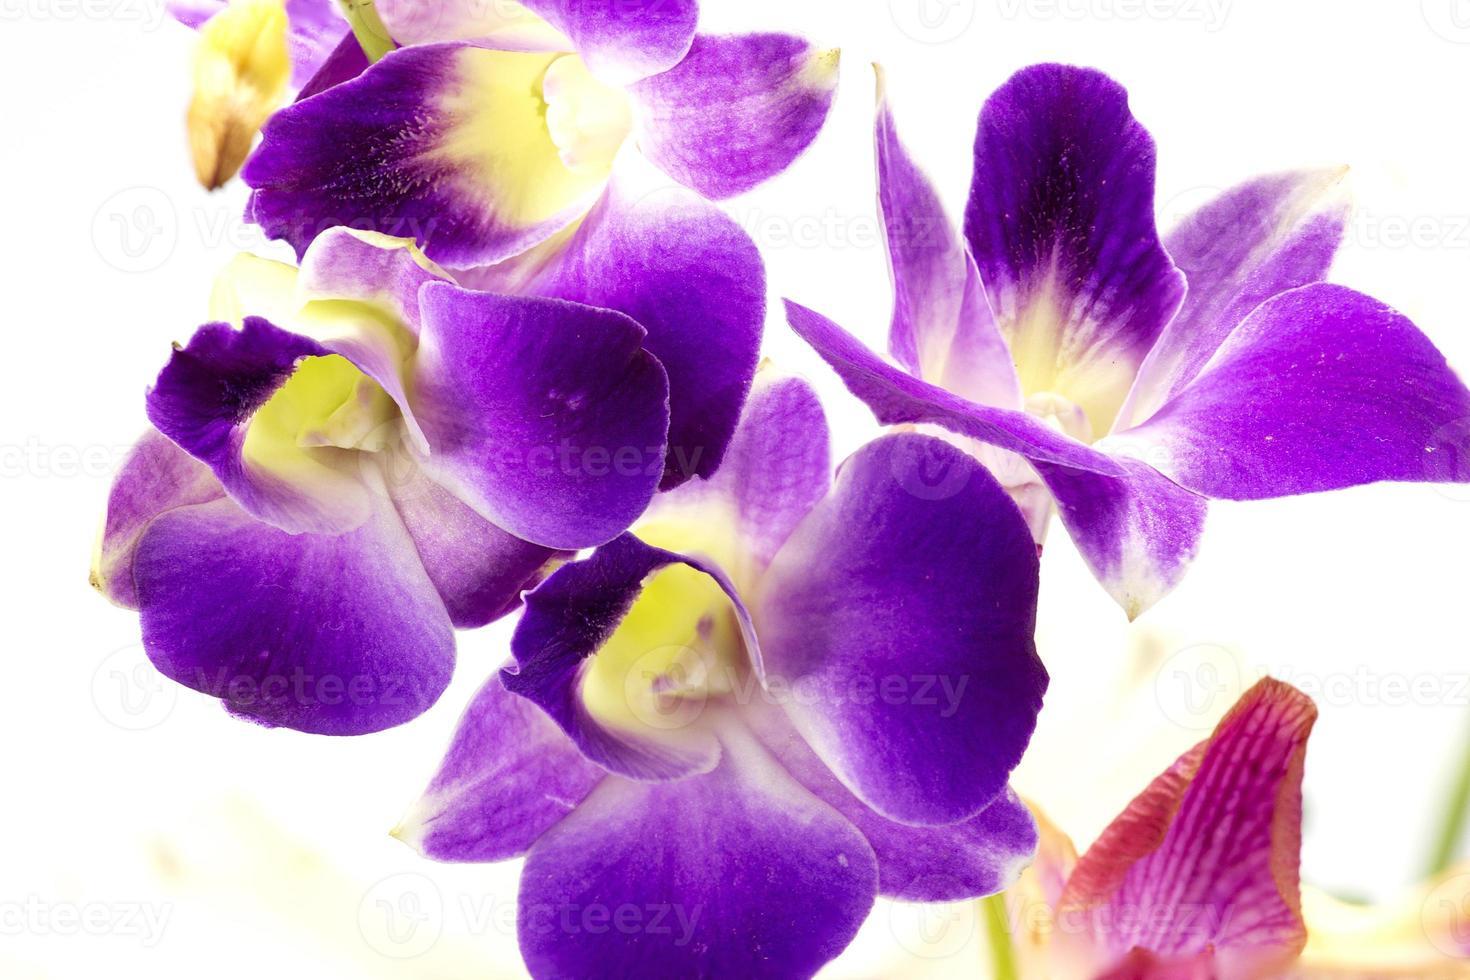 cerrar orquídea púrpura foto